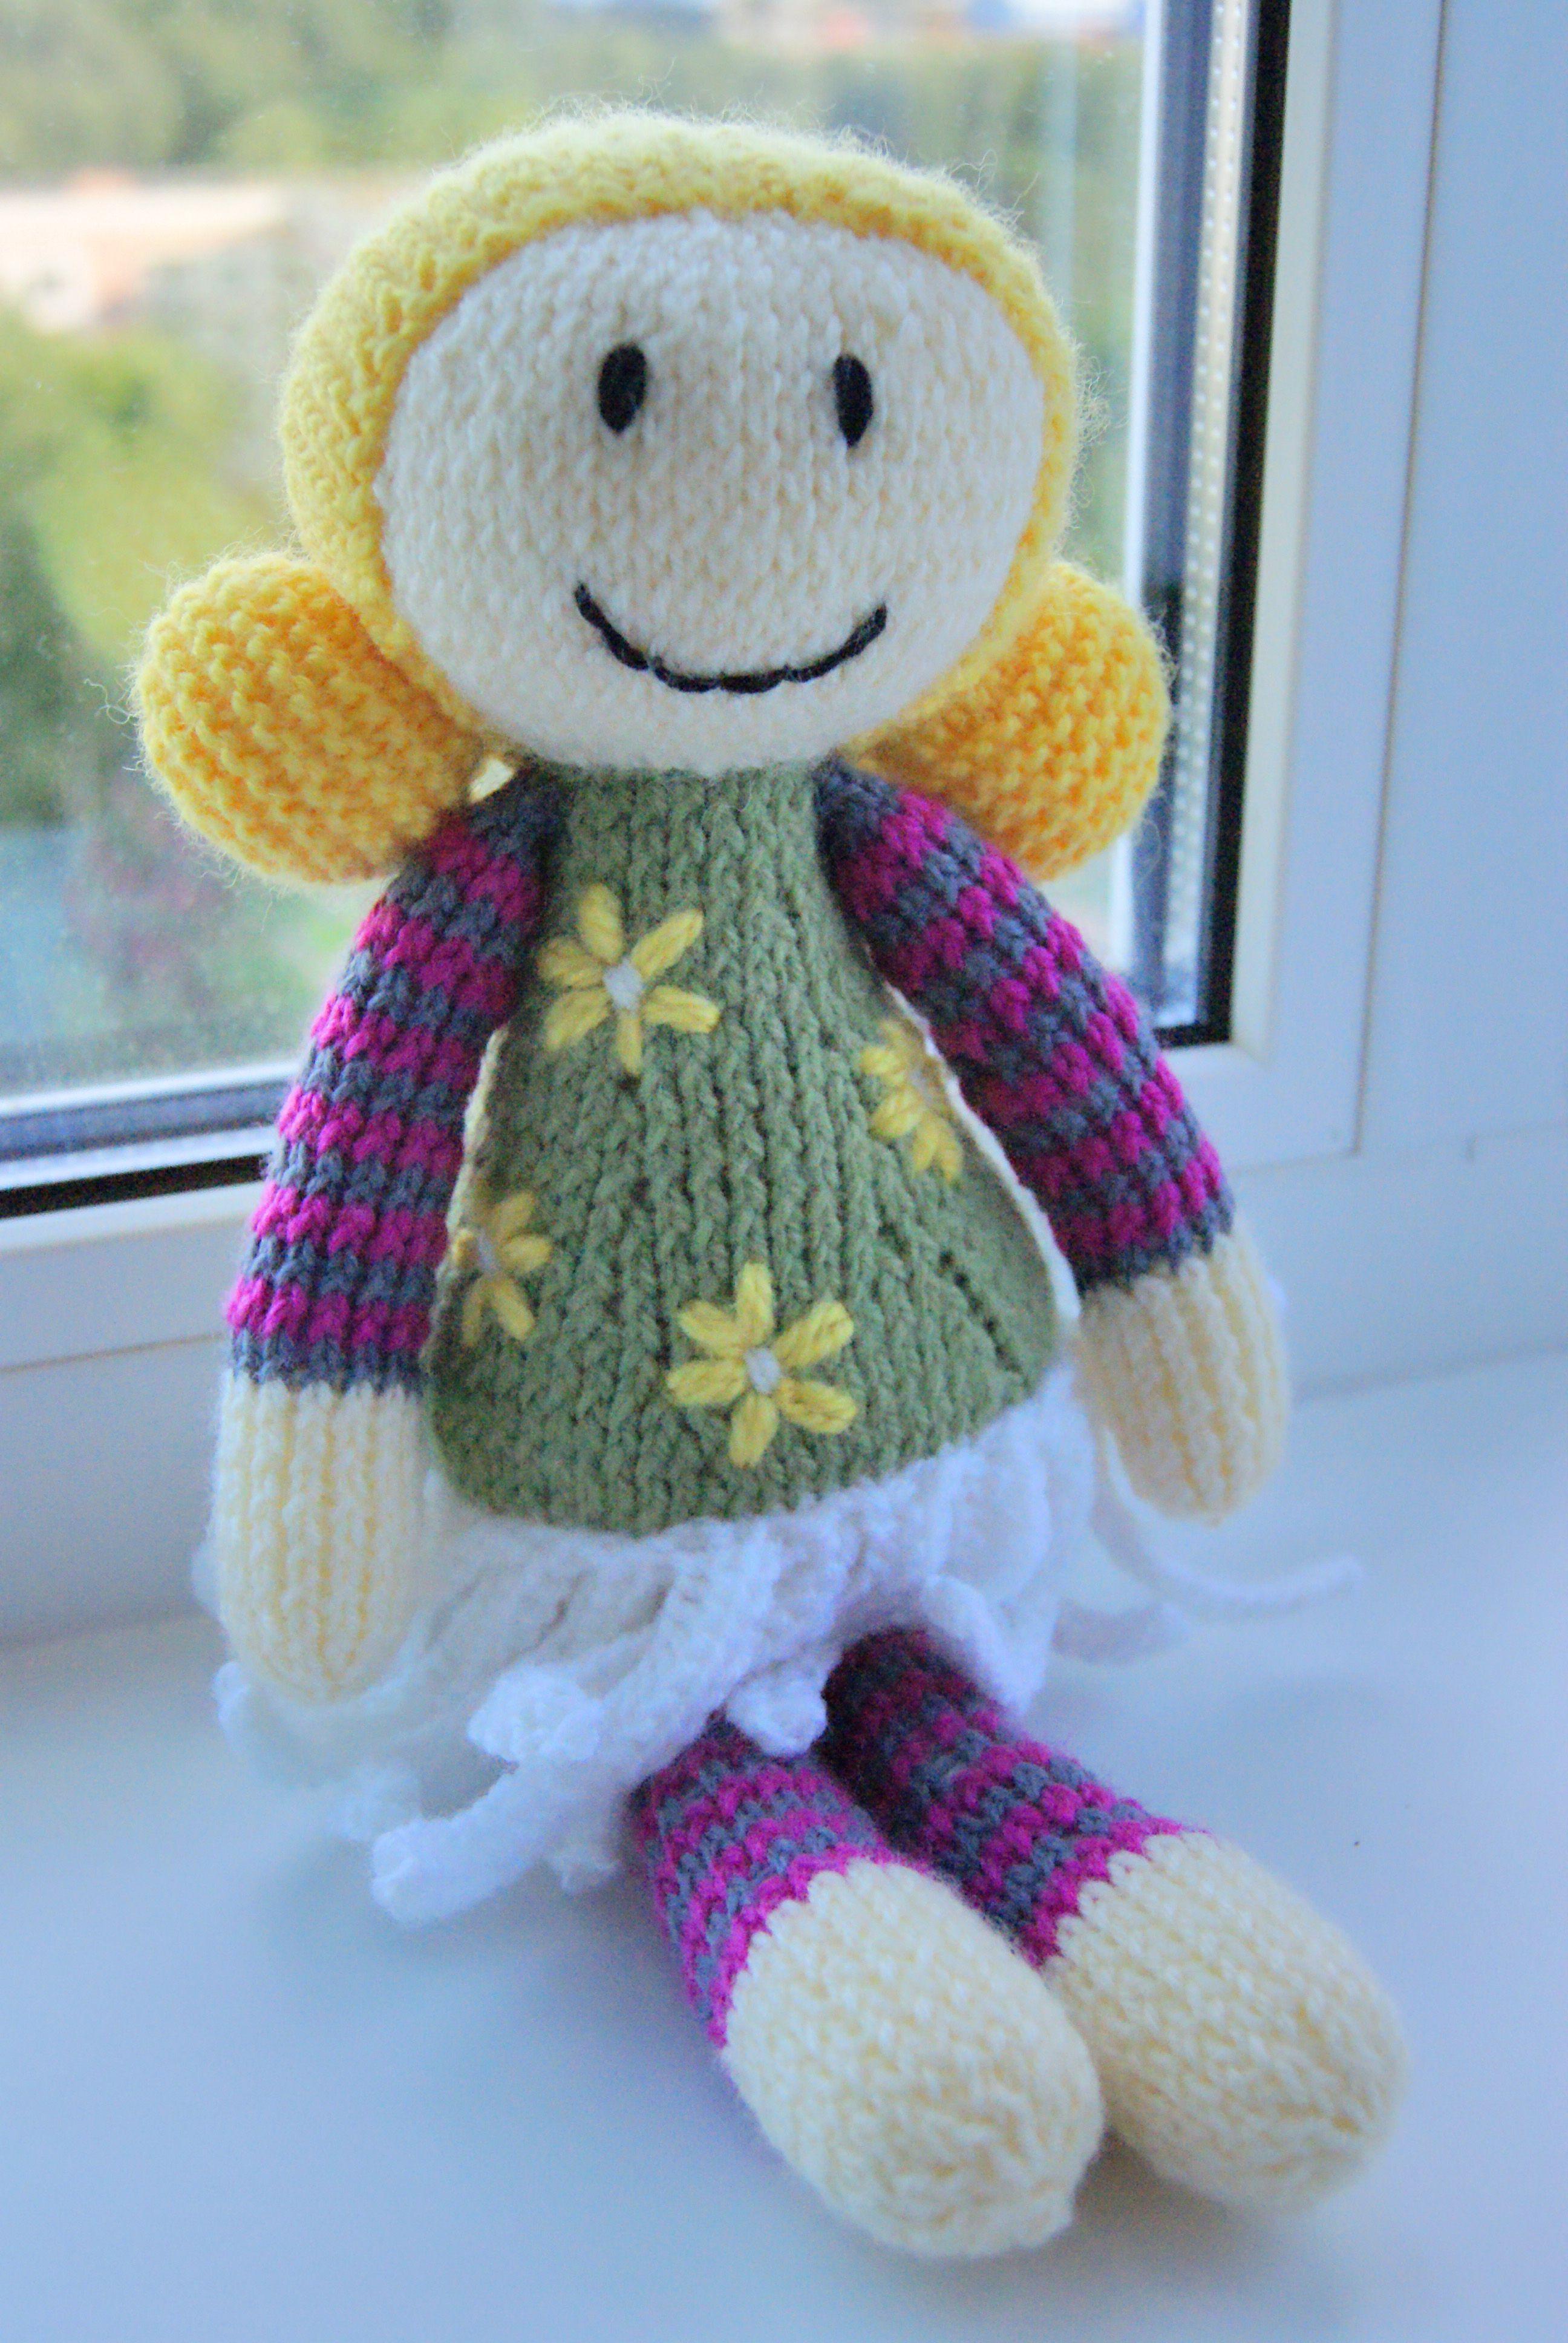 подарок кукла вязание интерьернаяигрушка вяжуназаказ детям куколка инетерьернаякукла вязаниеназаказ